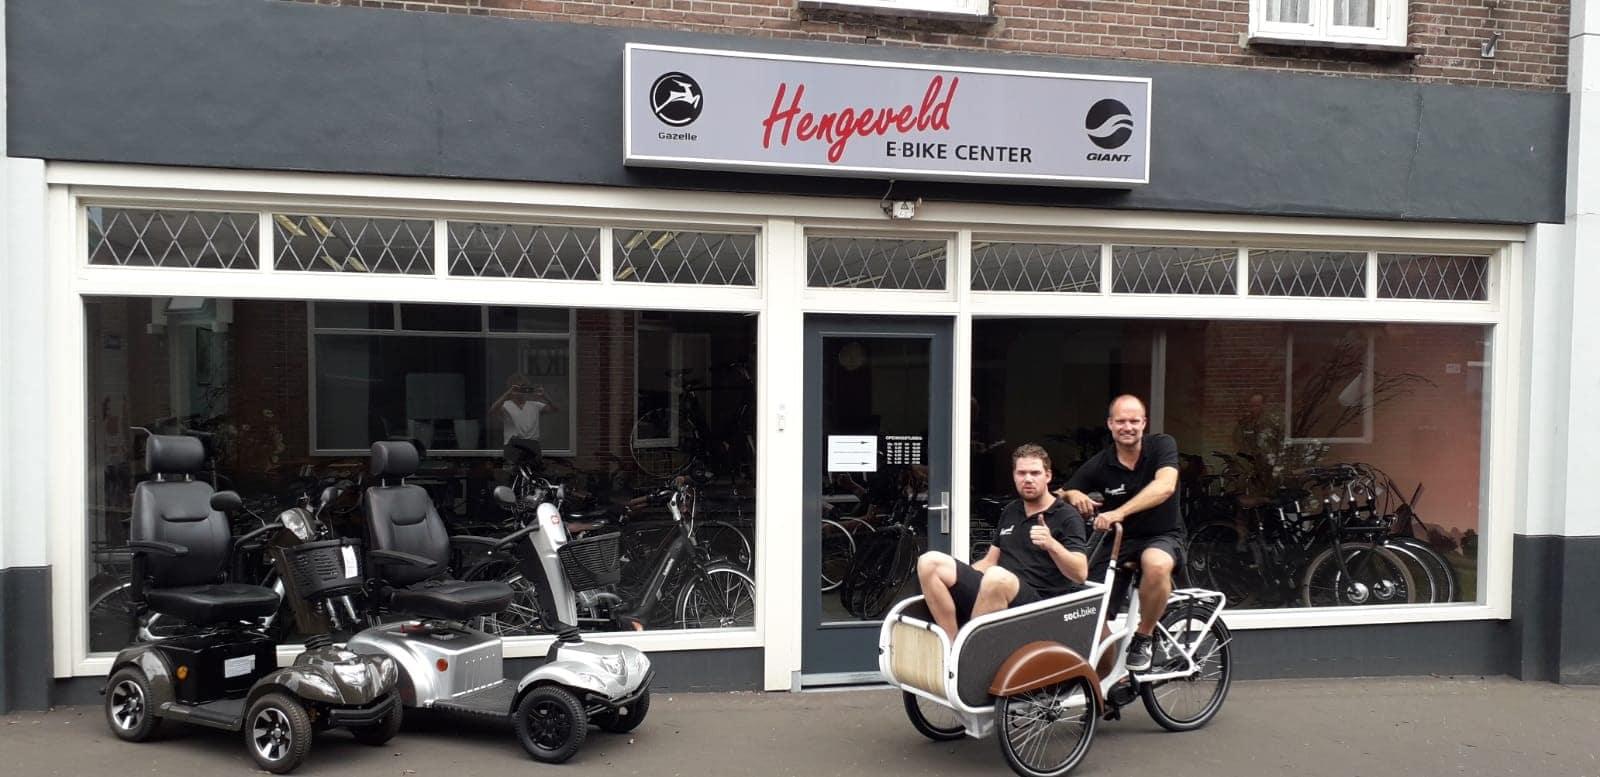 Over soci.bike ambassadeur Hengeveld e-bike center